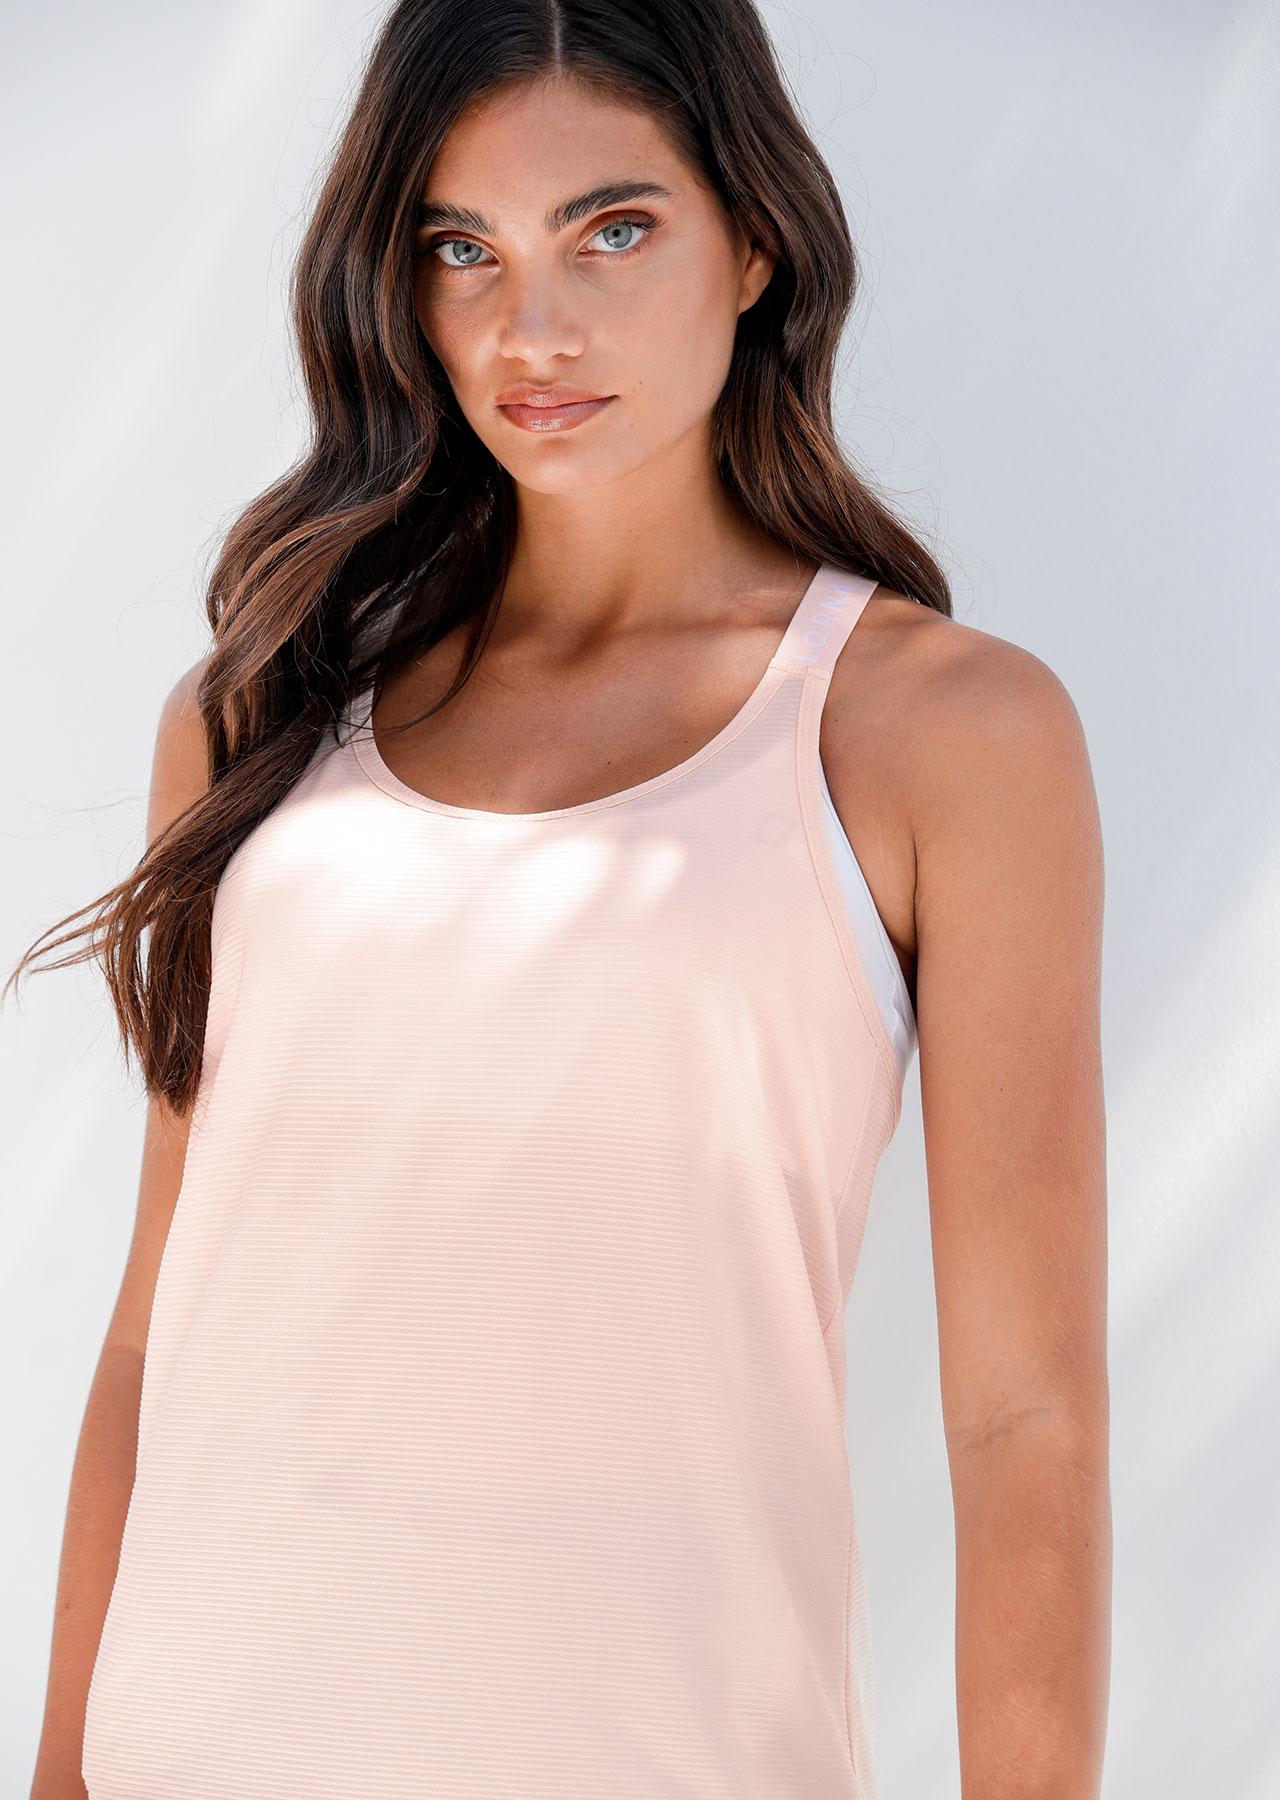 tash excel tank pink 102008 dpink 1 - Sports & Fitness